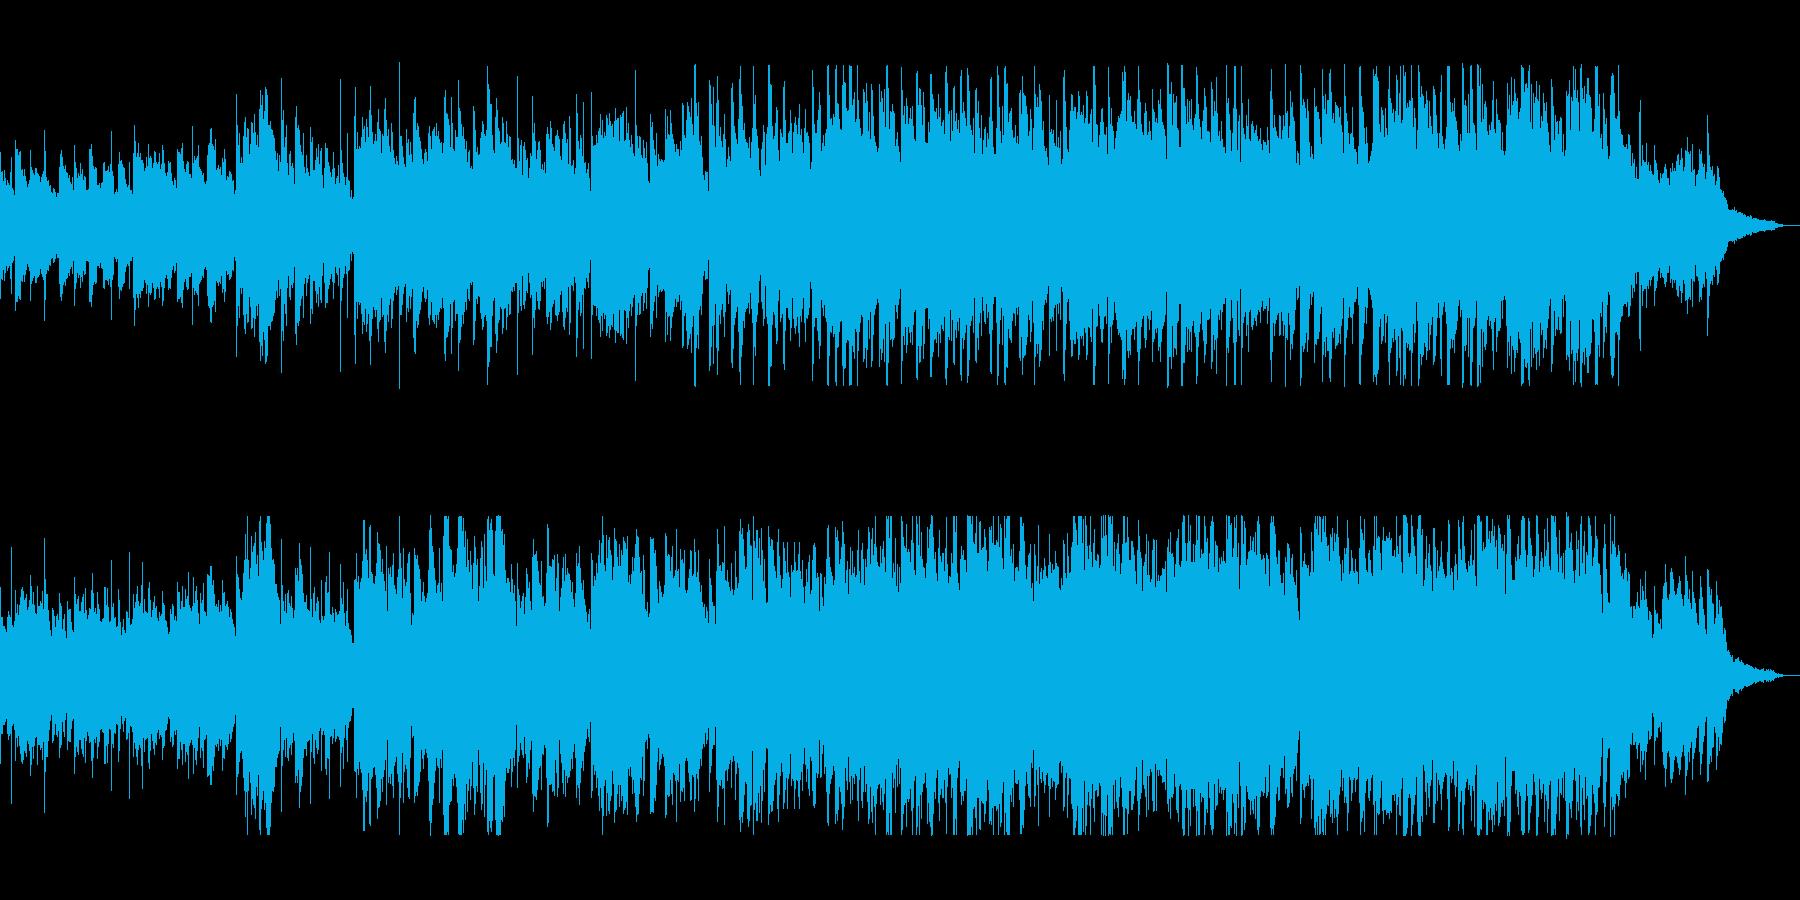 和風シンセのヒーリングサウンドの再生済みの波形